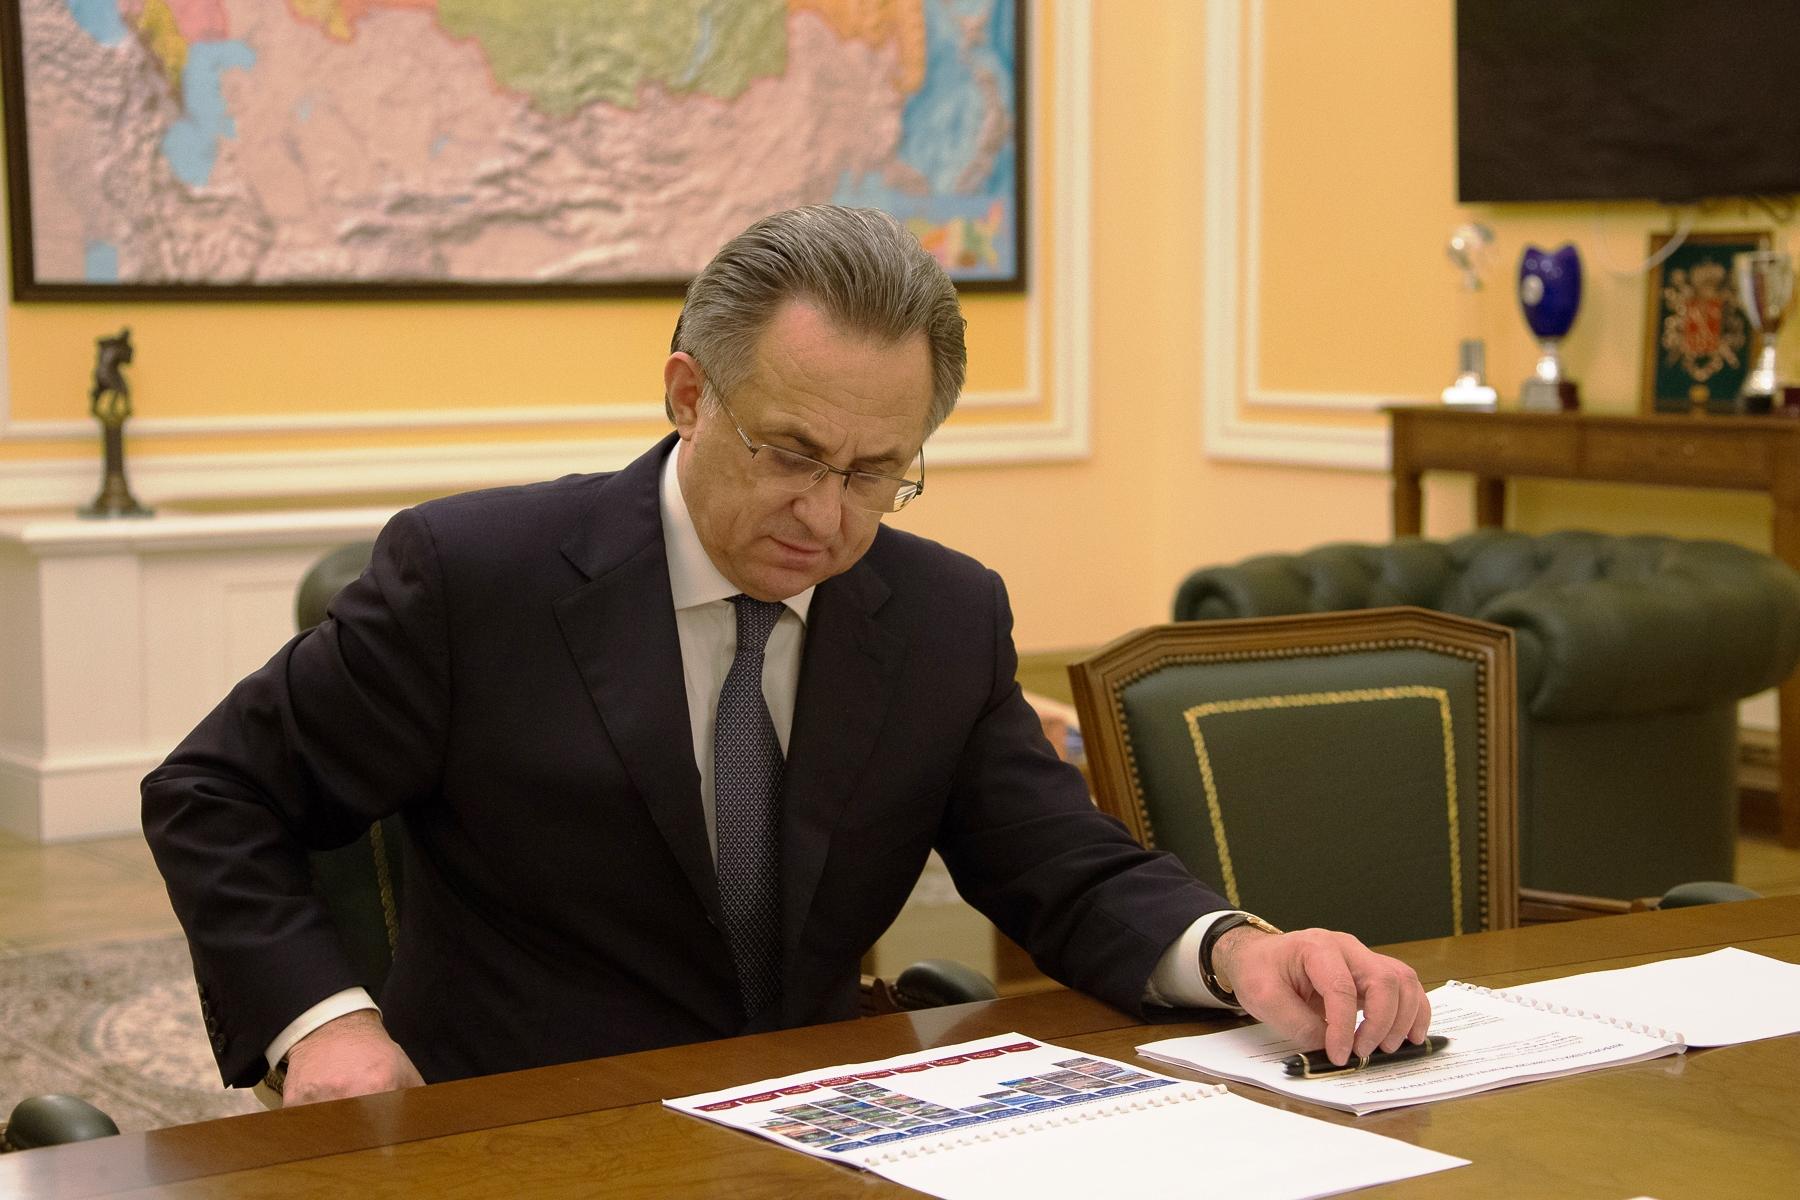 Заместитель председателя правительства РФ, курирующий вопросы строительства и регионального разви